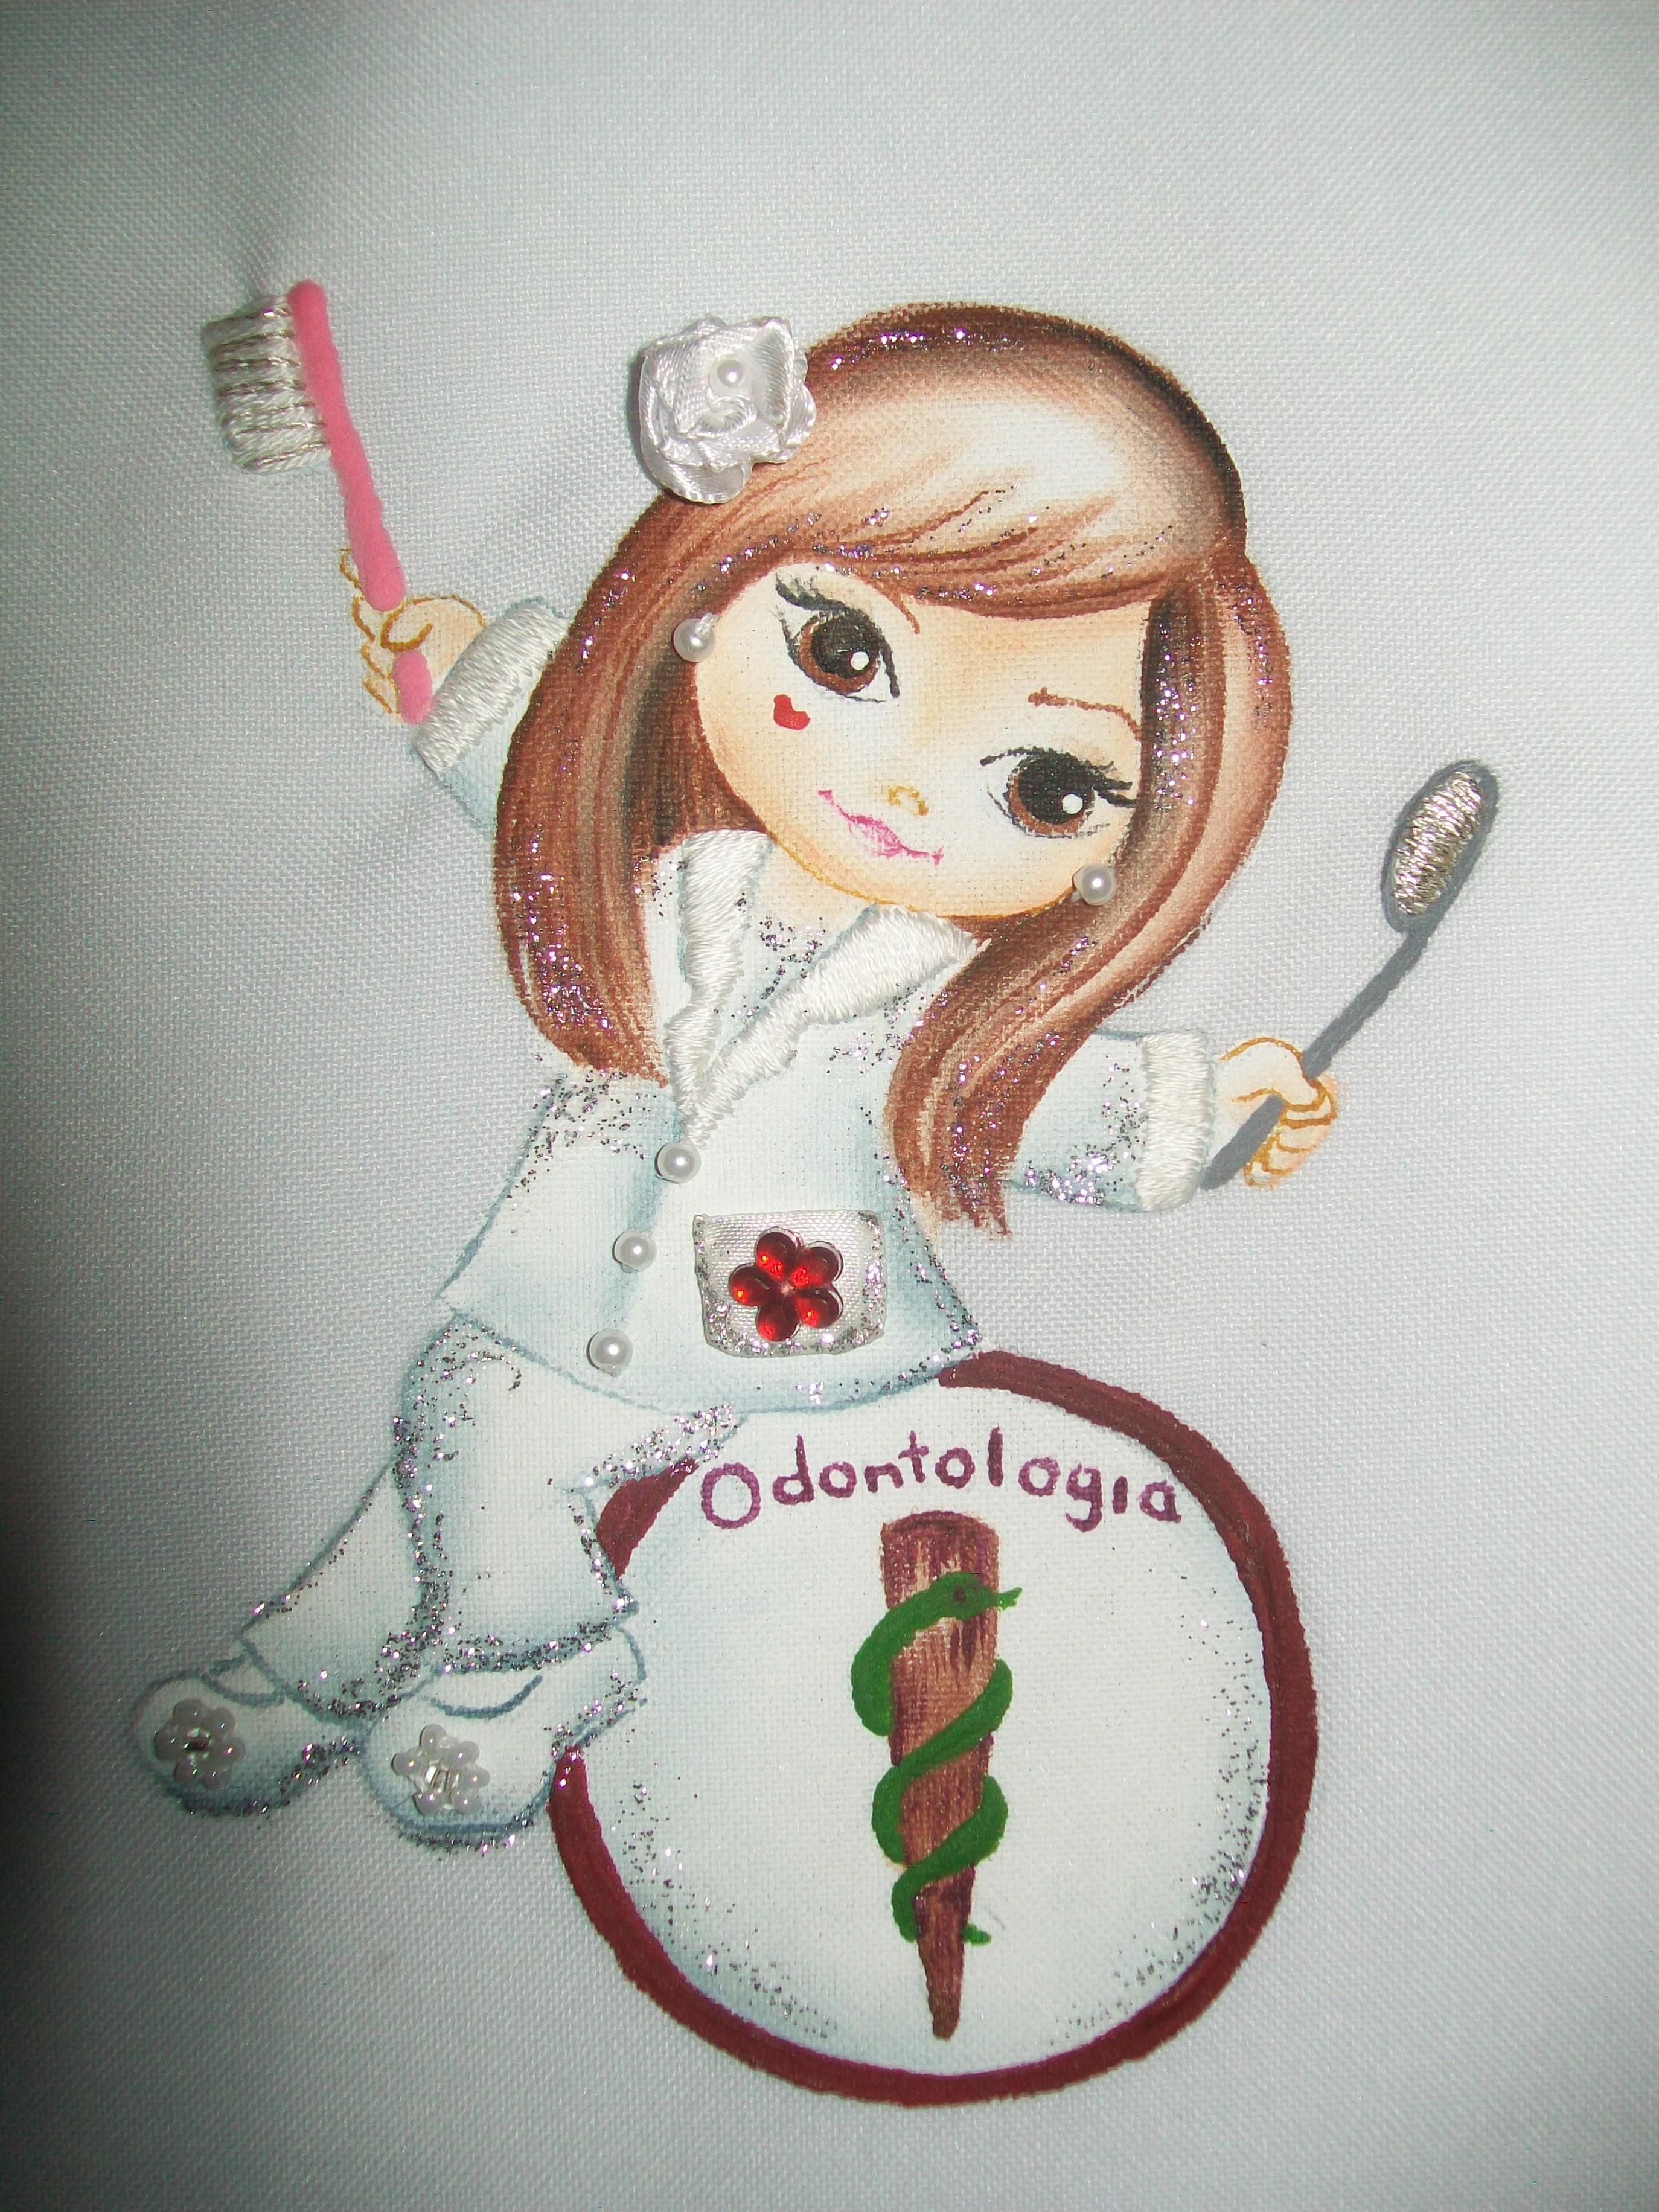 Jaleco Odontologia Personalizado Bazar M 227 Os De Anjo Elo7